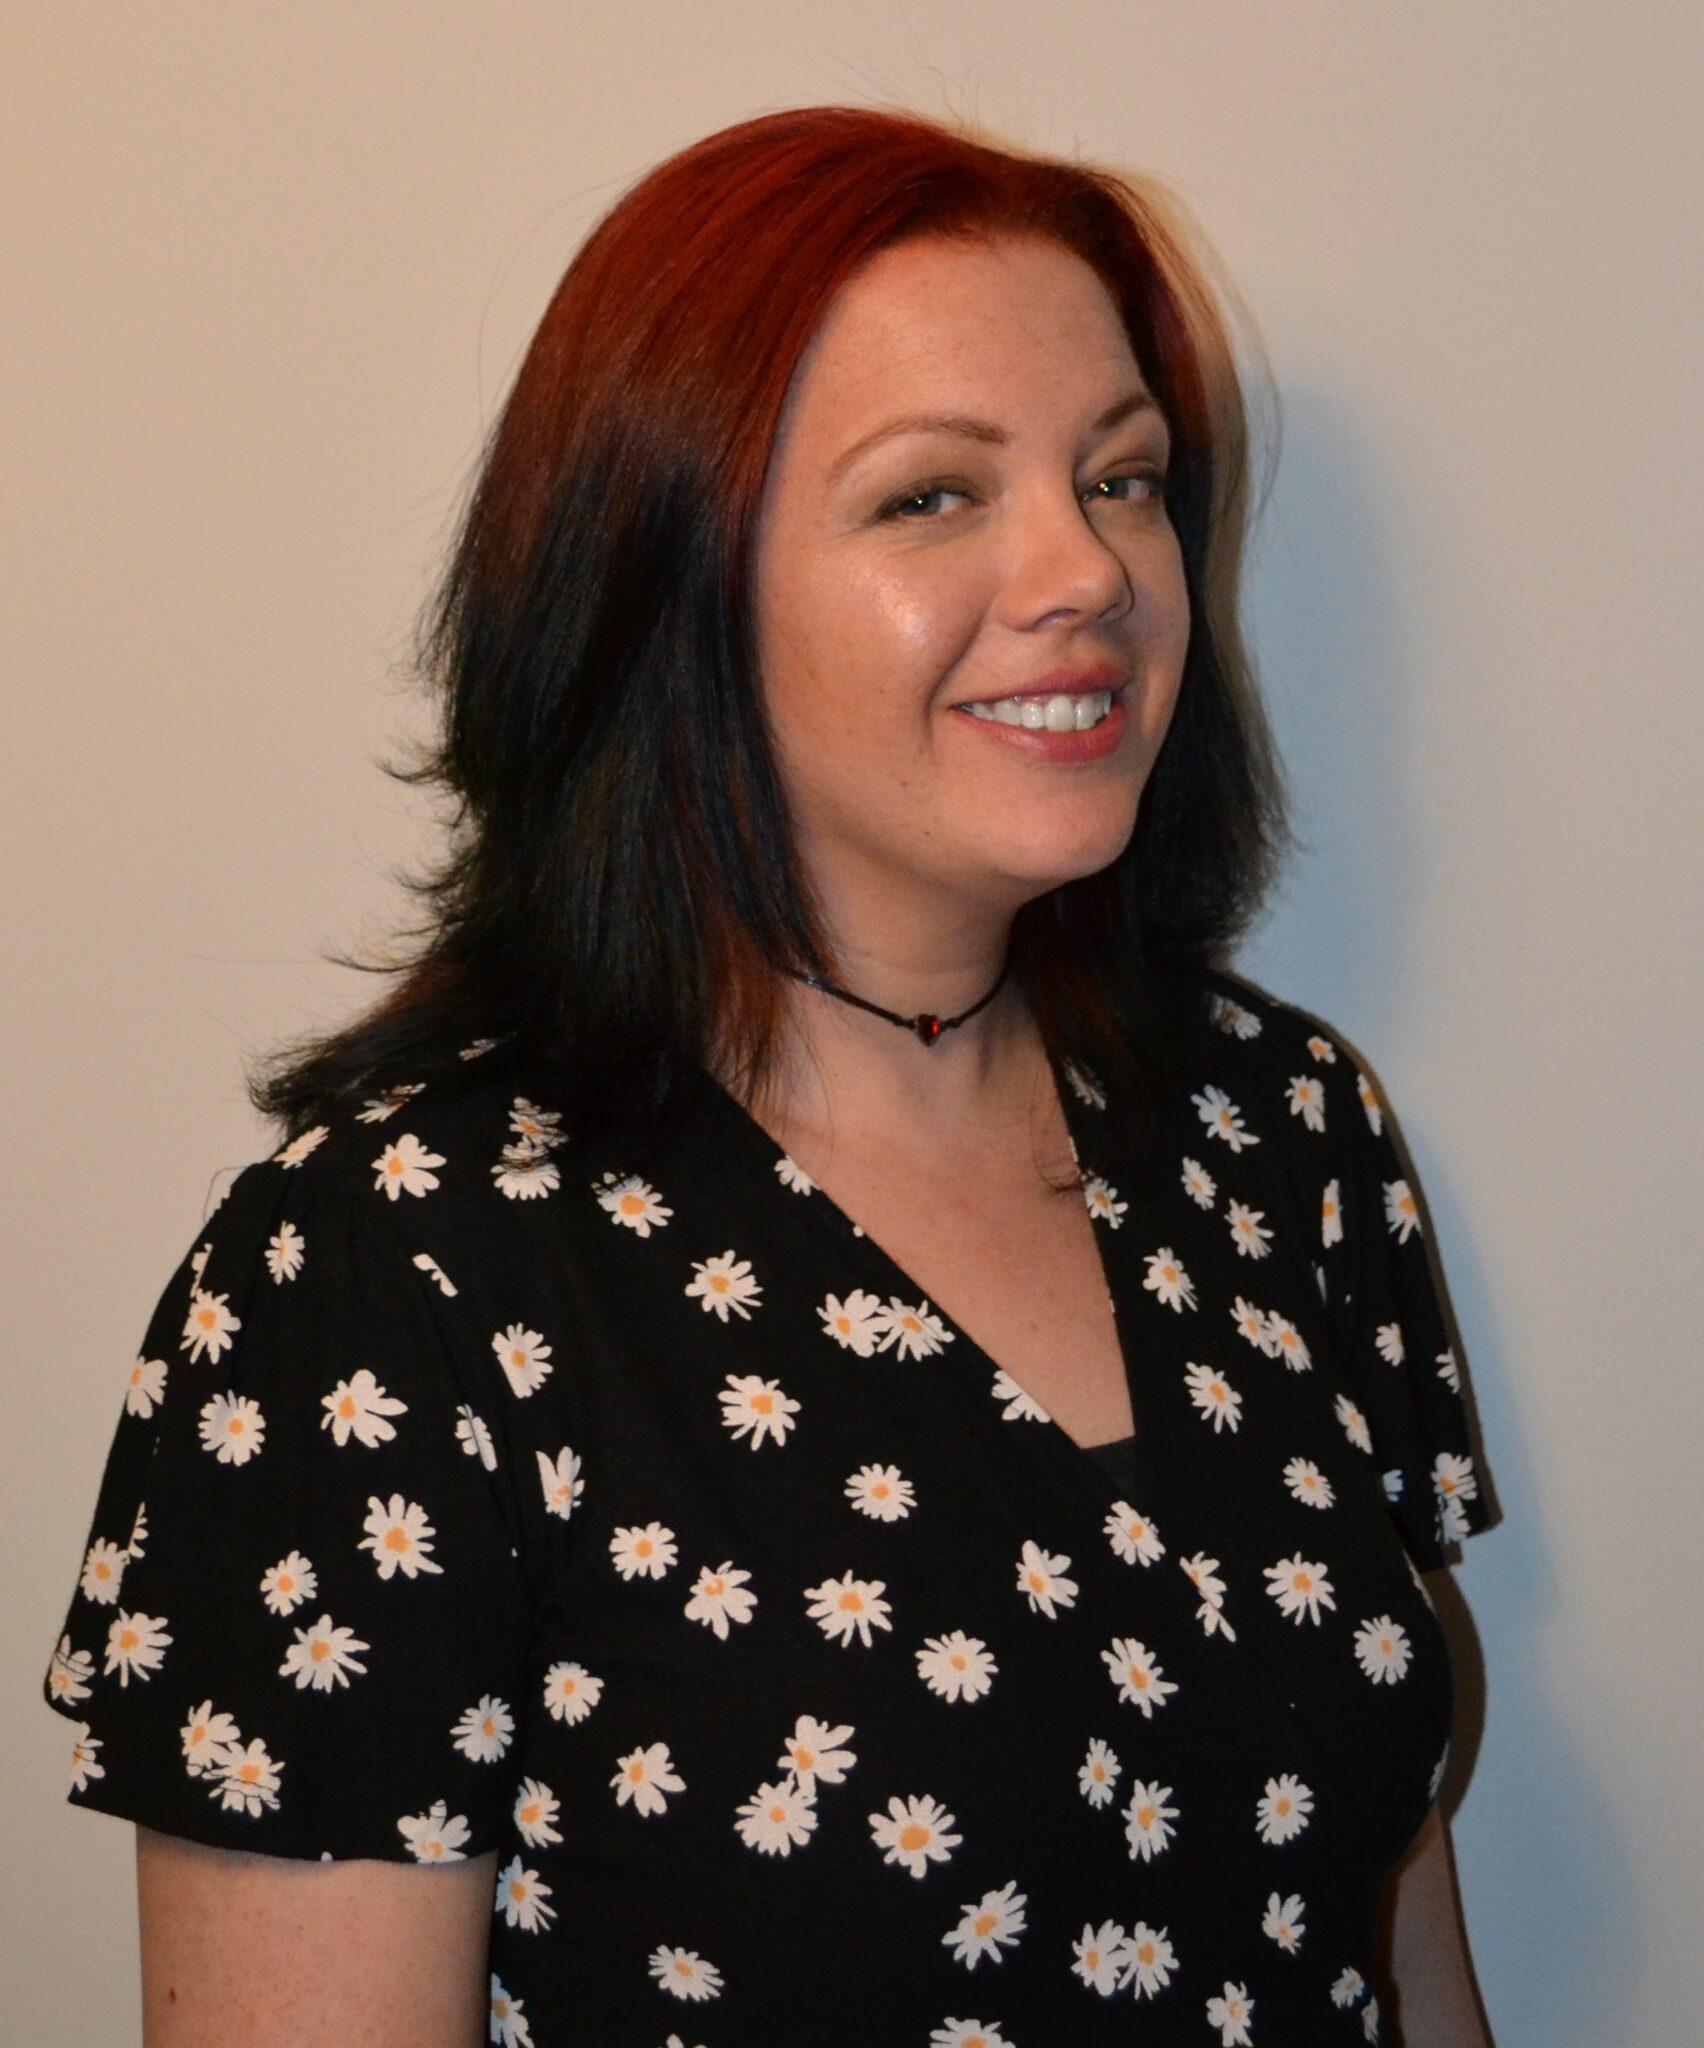 Lois Grovenor